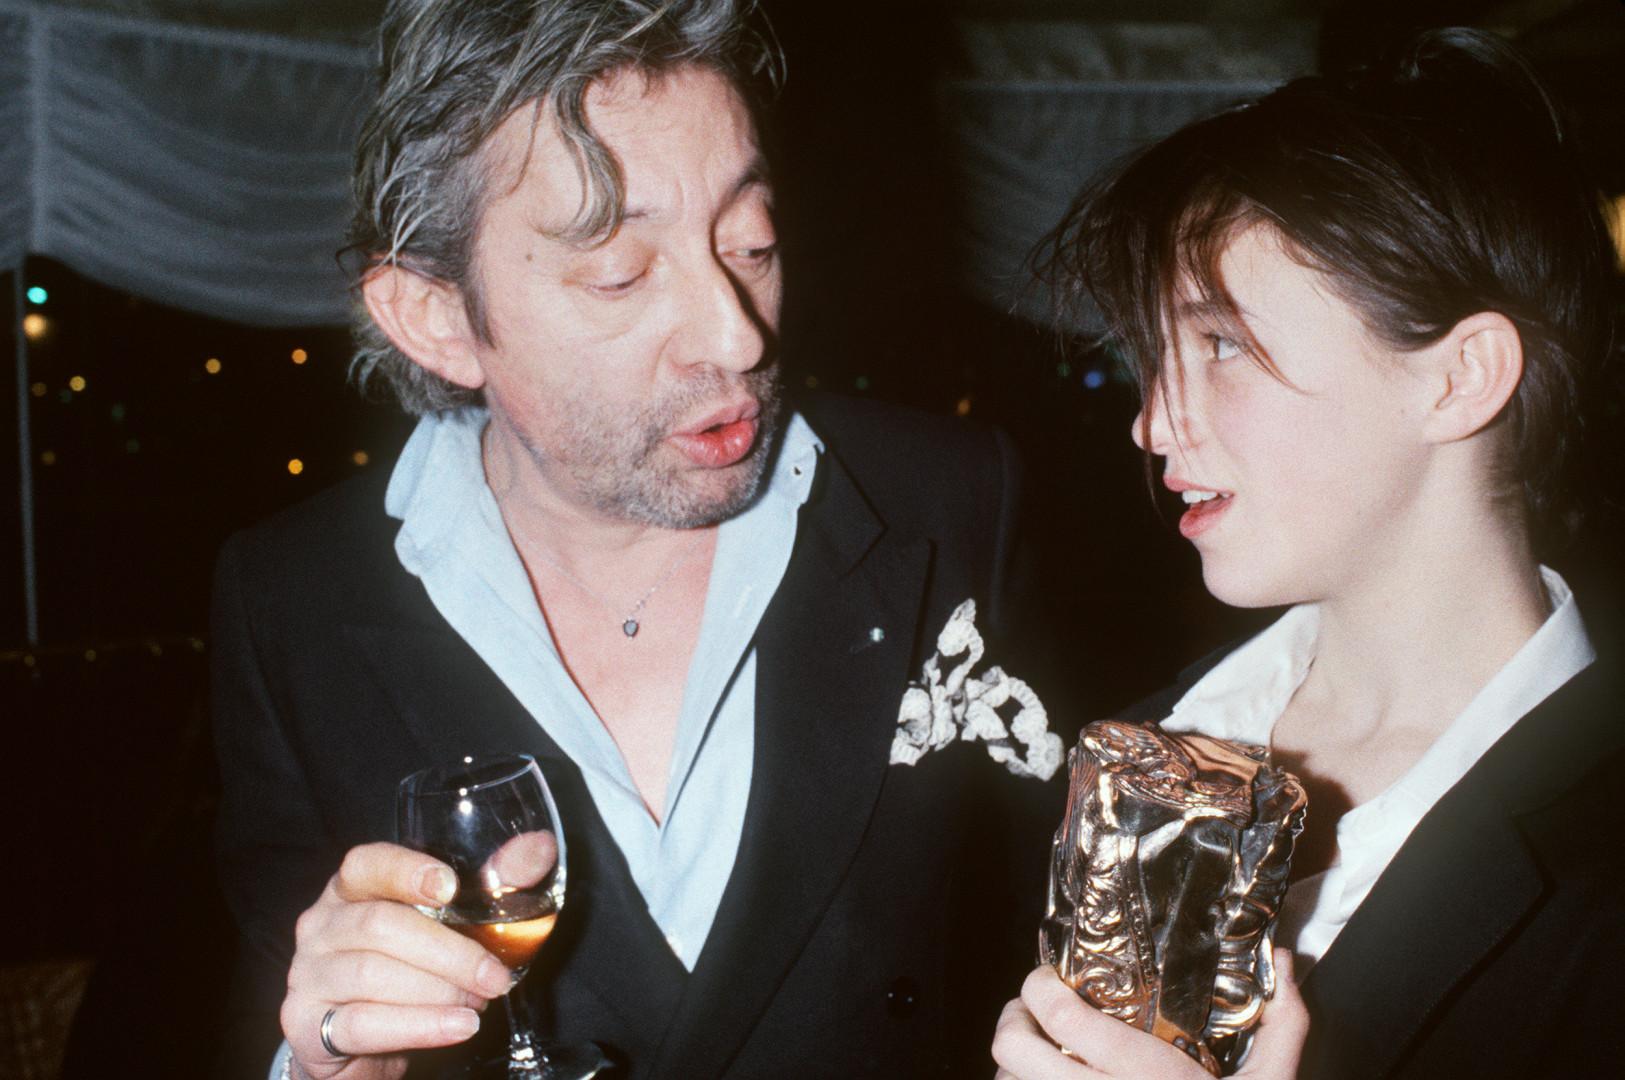 En 1986, Charlotte Gainsbourg reçoit le César du meilleur espoir féminin pour son rôle dans L'Éffrontée